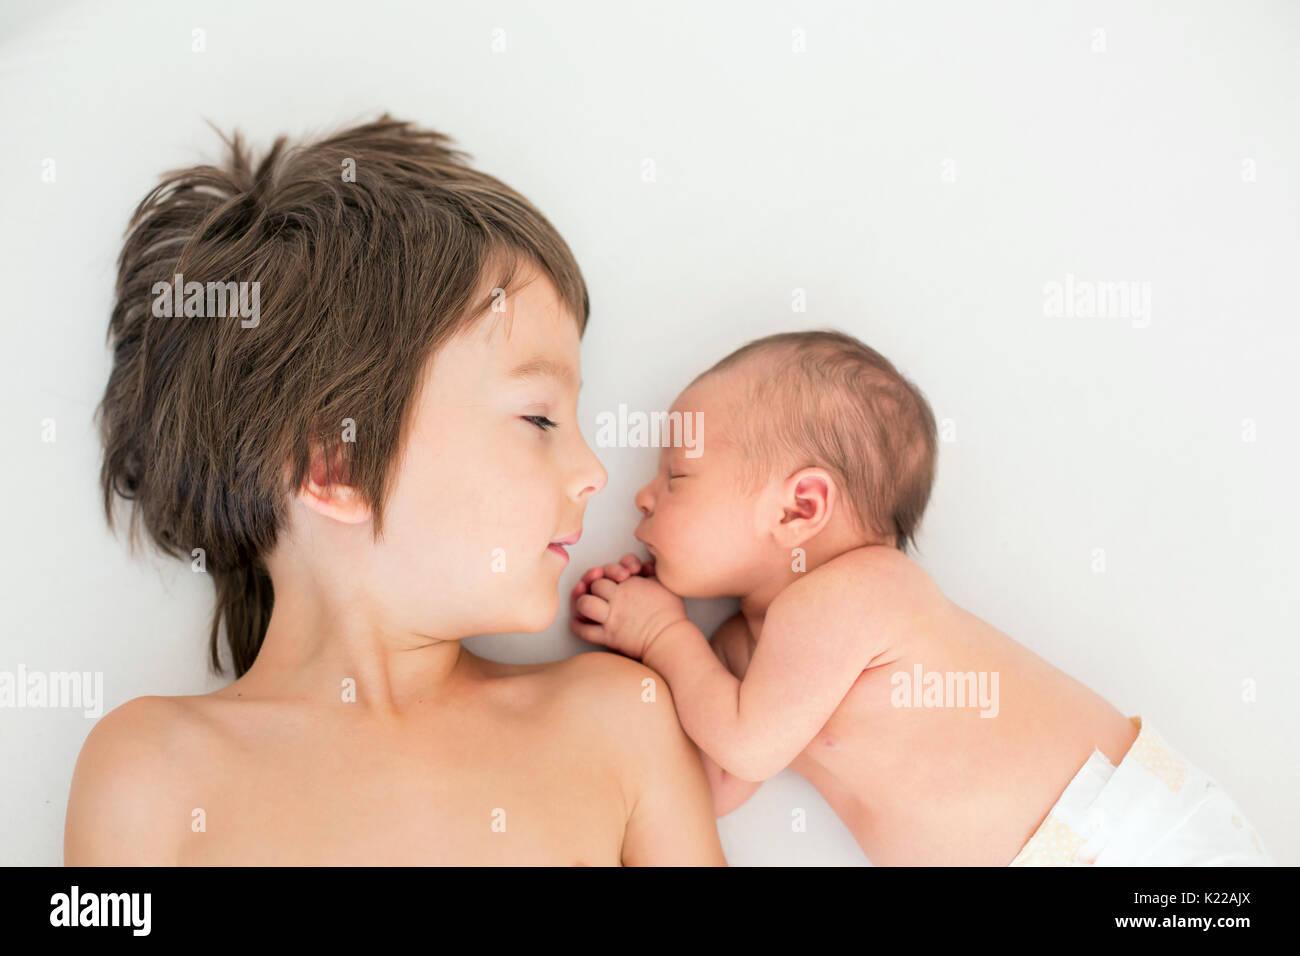 Belo boy, abraçando com ternura e cuidados que o seu bebê recém-nascido irmão em casa. O amor Imagens de Stock